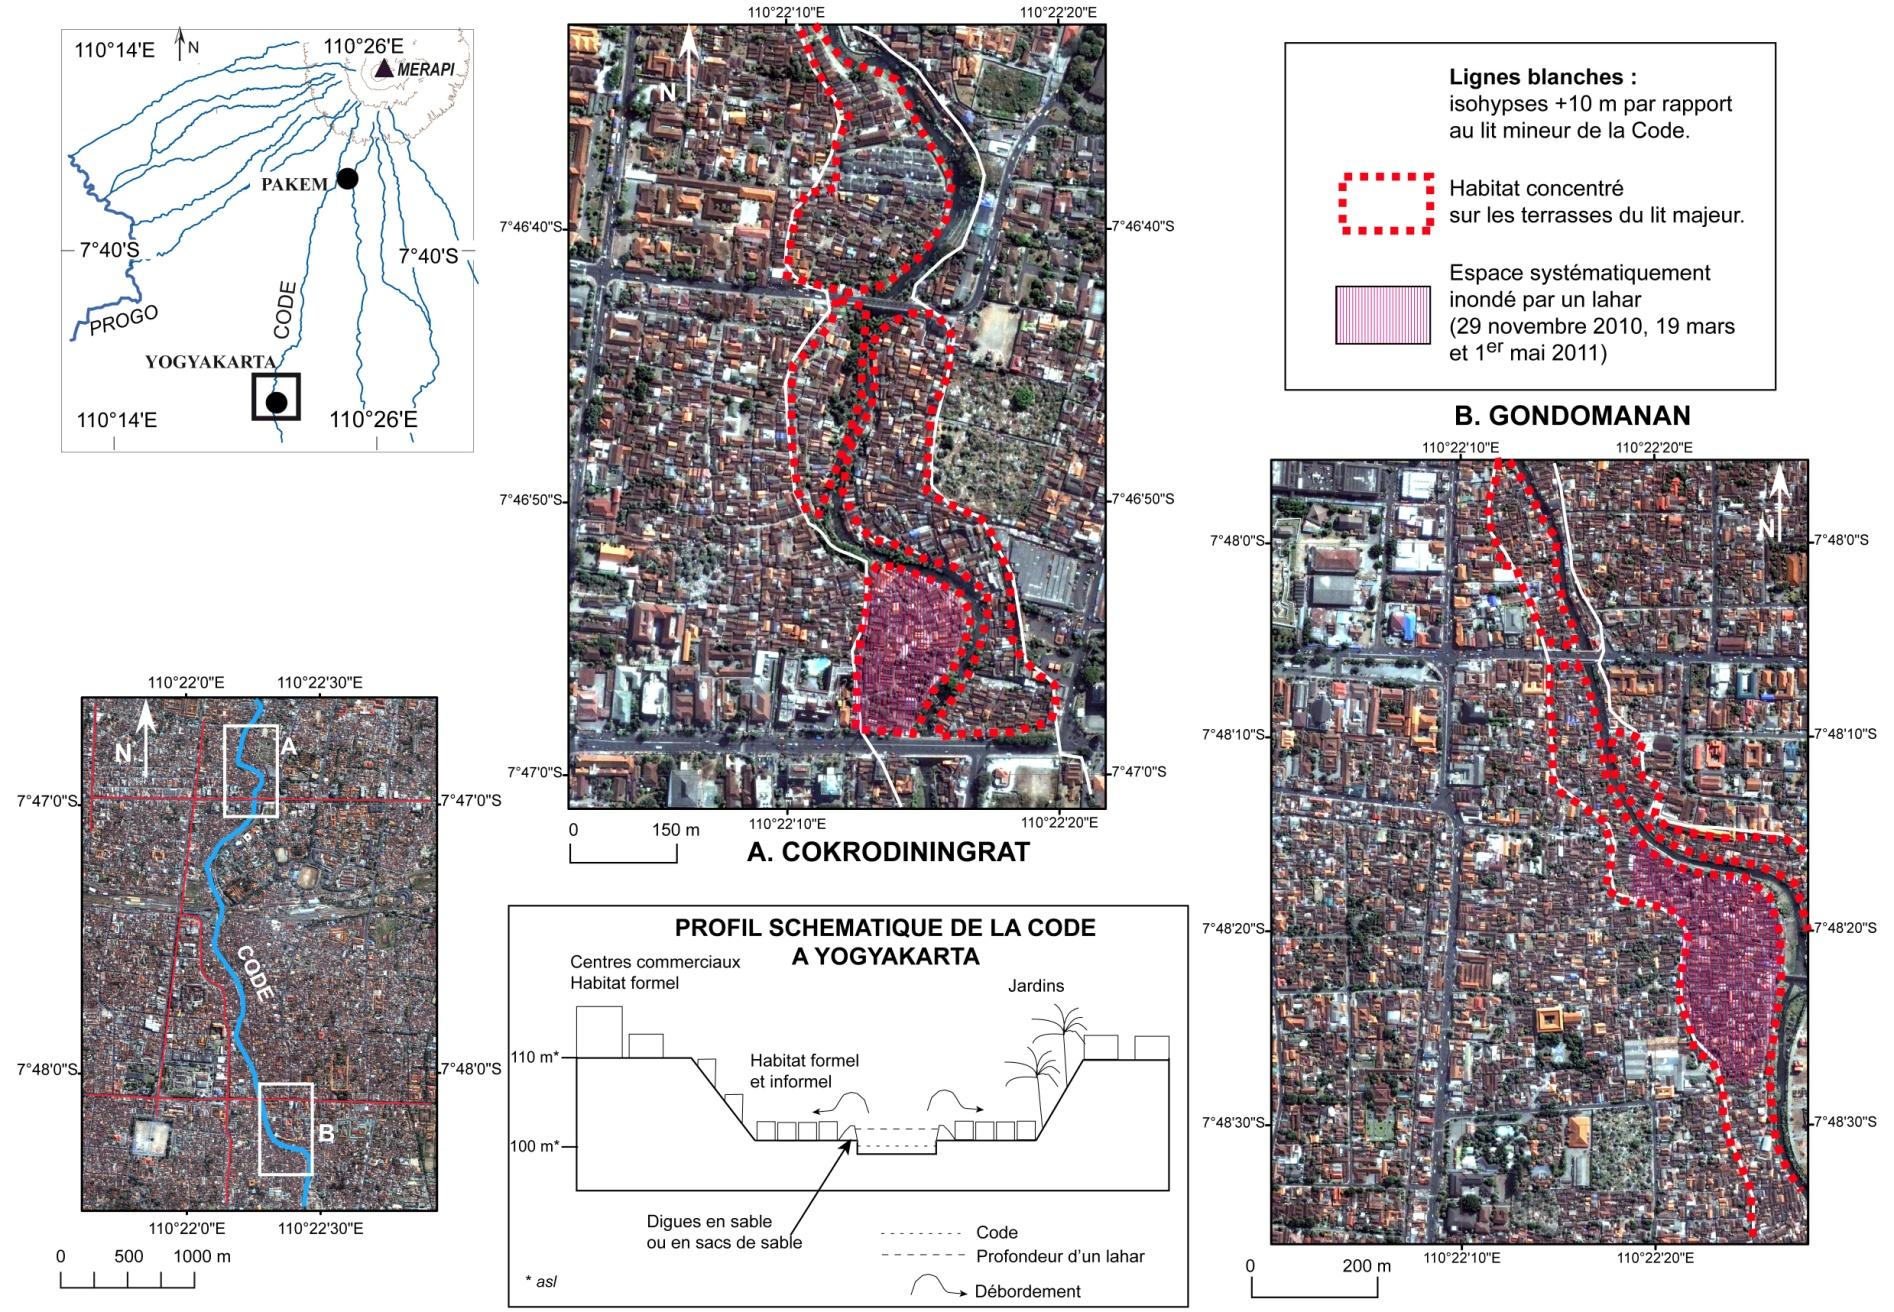 Édouard de Bélizal — risque volcanique en Indonésie, espace urbain et lahars